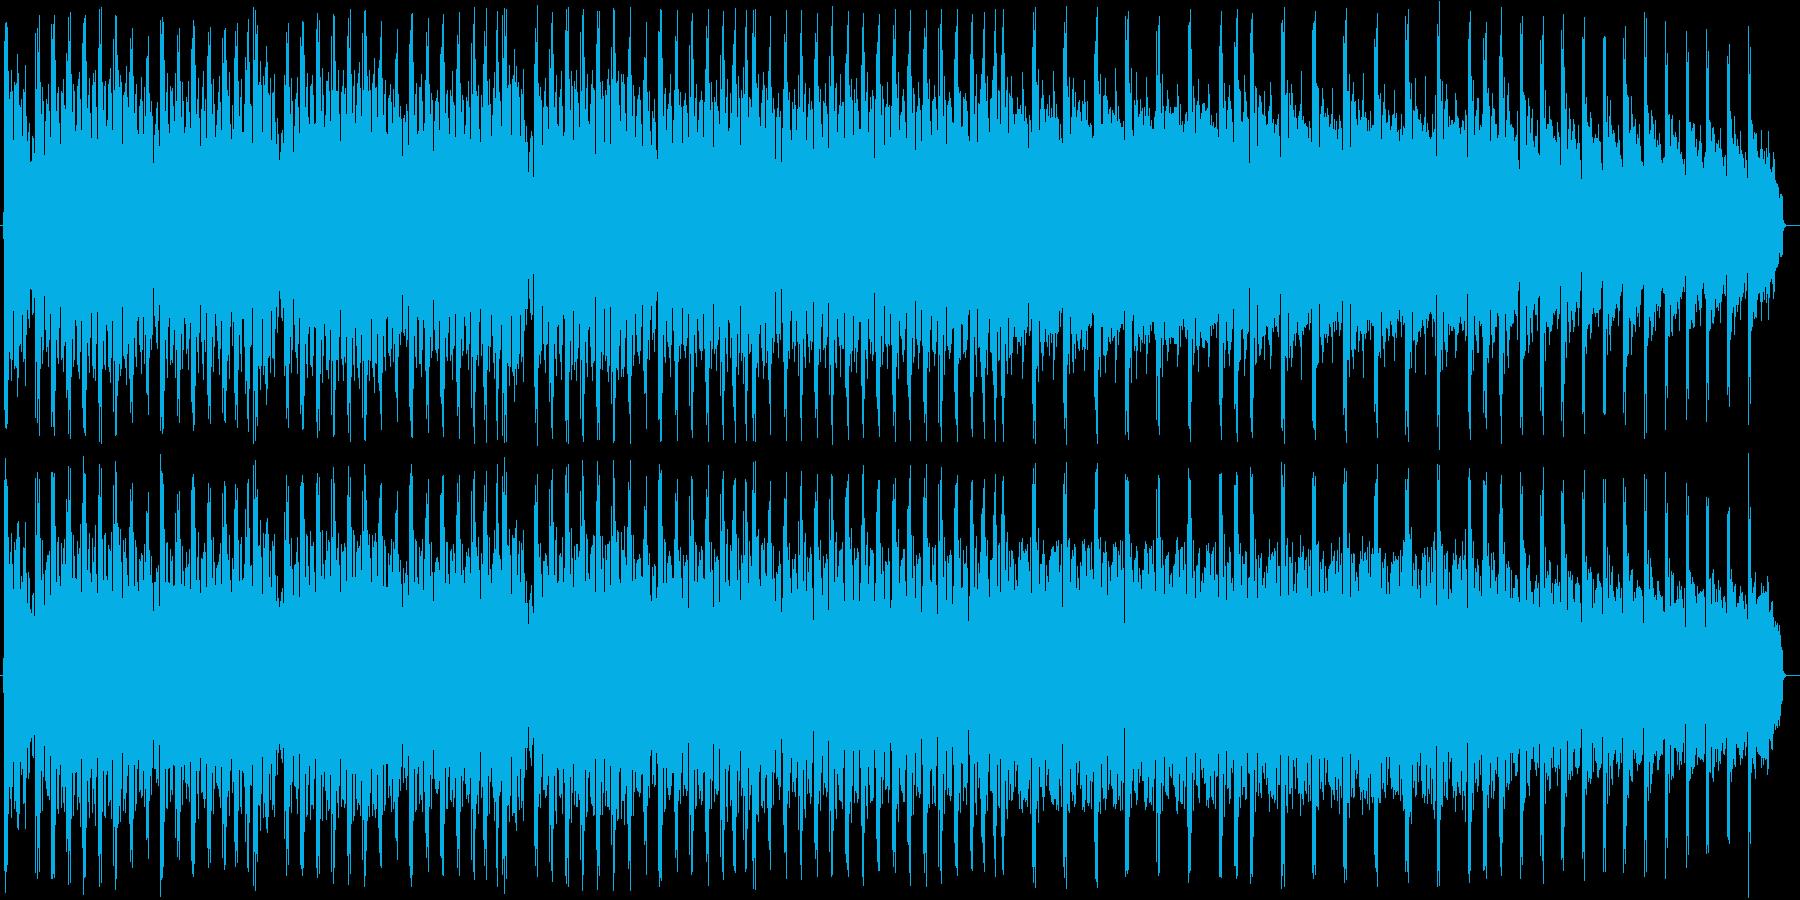 【ド派手なEDMビッグドラムロール】の再生済みの波形